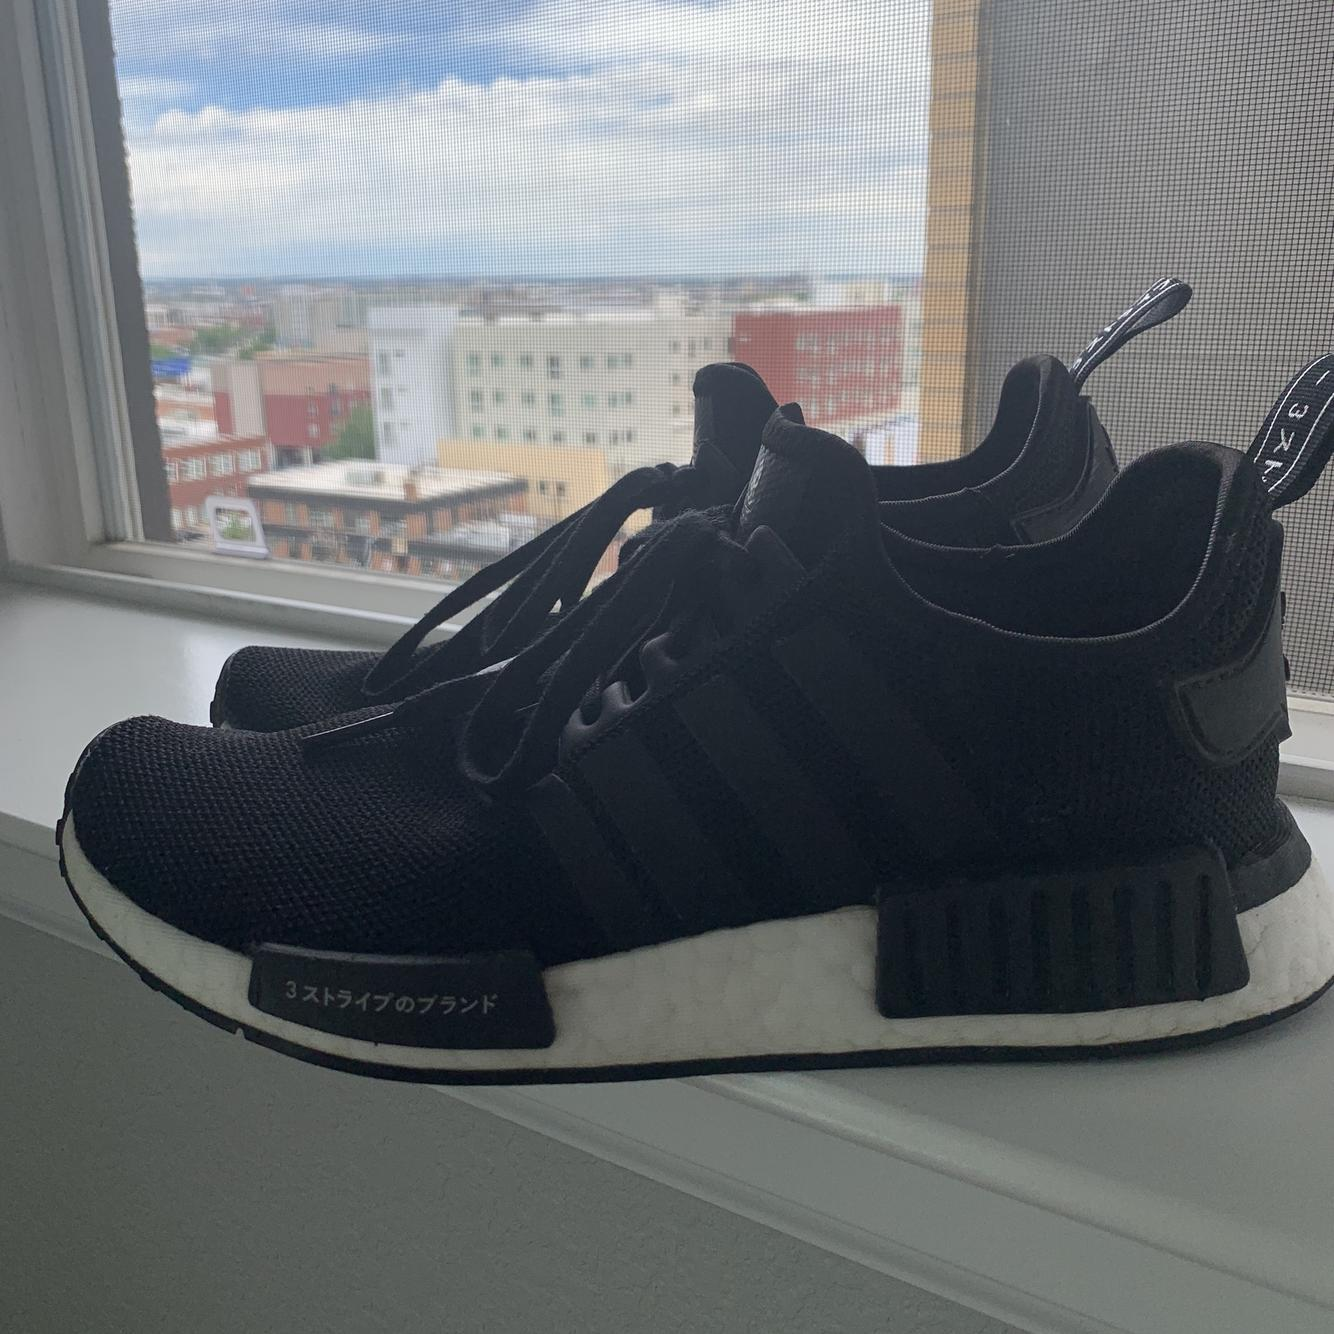 Adidas Nmd R1 Japan Removed Footwear Turfs Indoor Sneakers